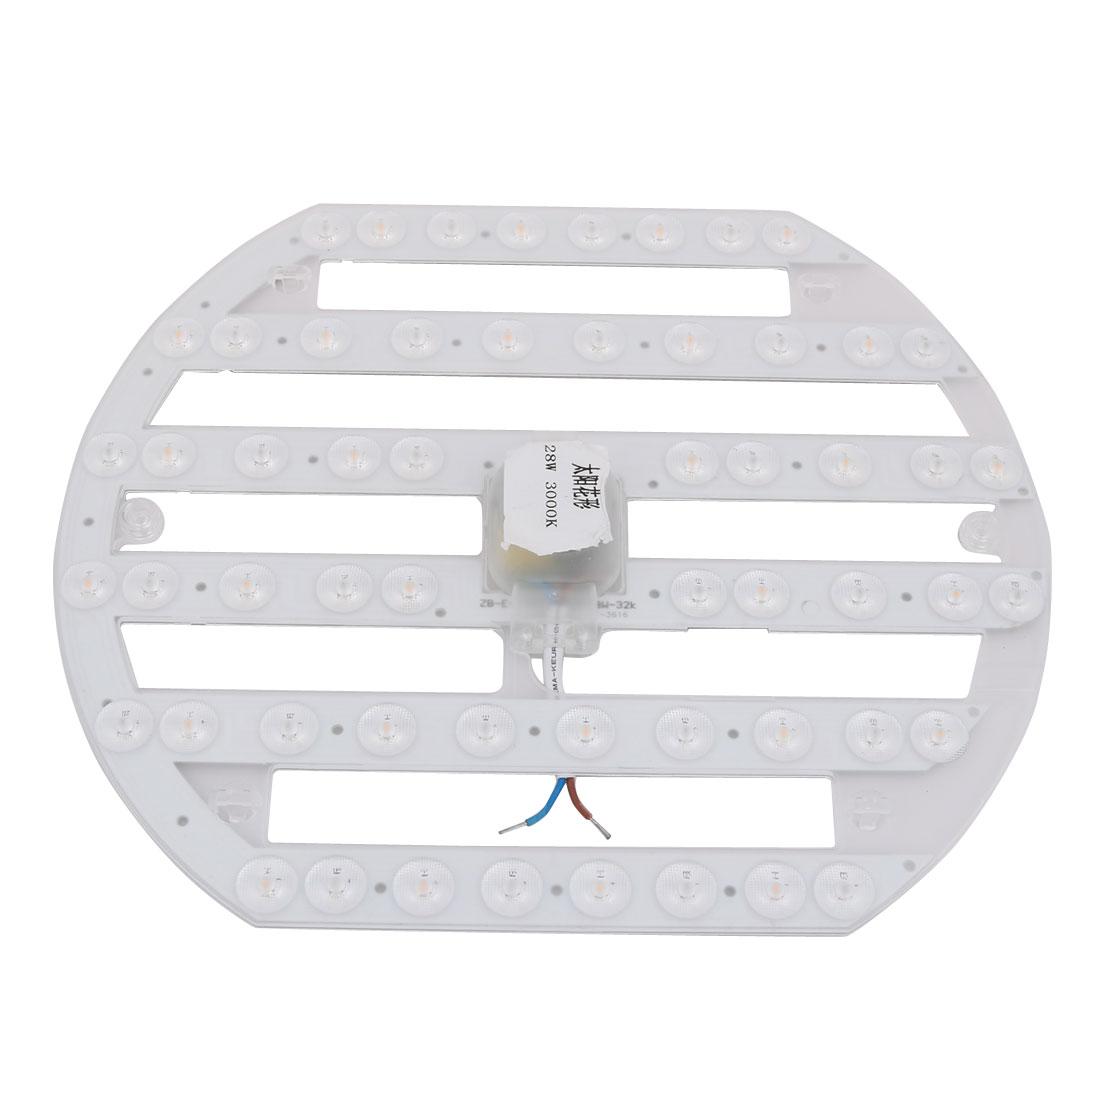 AC 185V-265V 28W LED Ceiling Optical Lens Module Light Board 56-LEDs 3000K